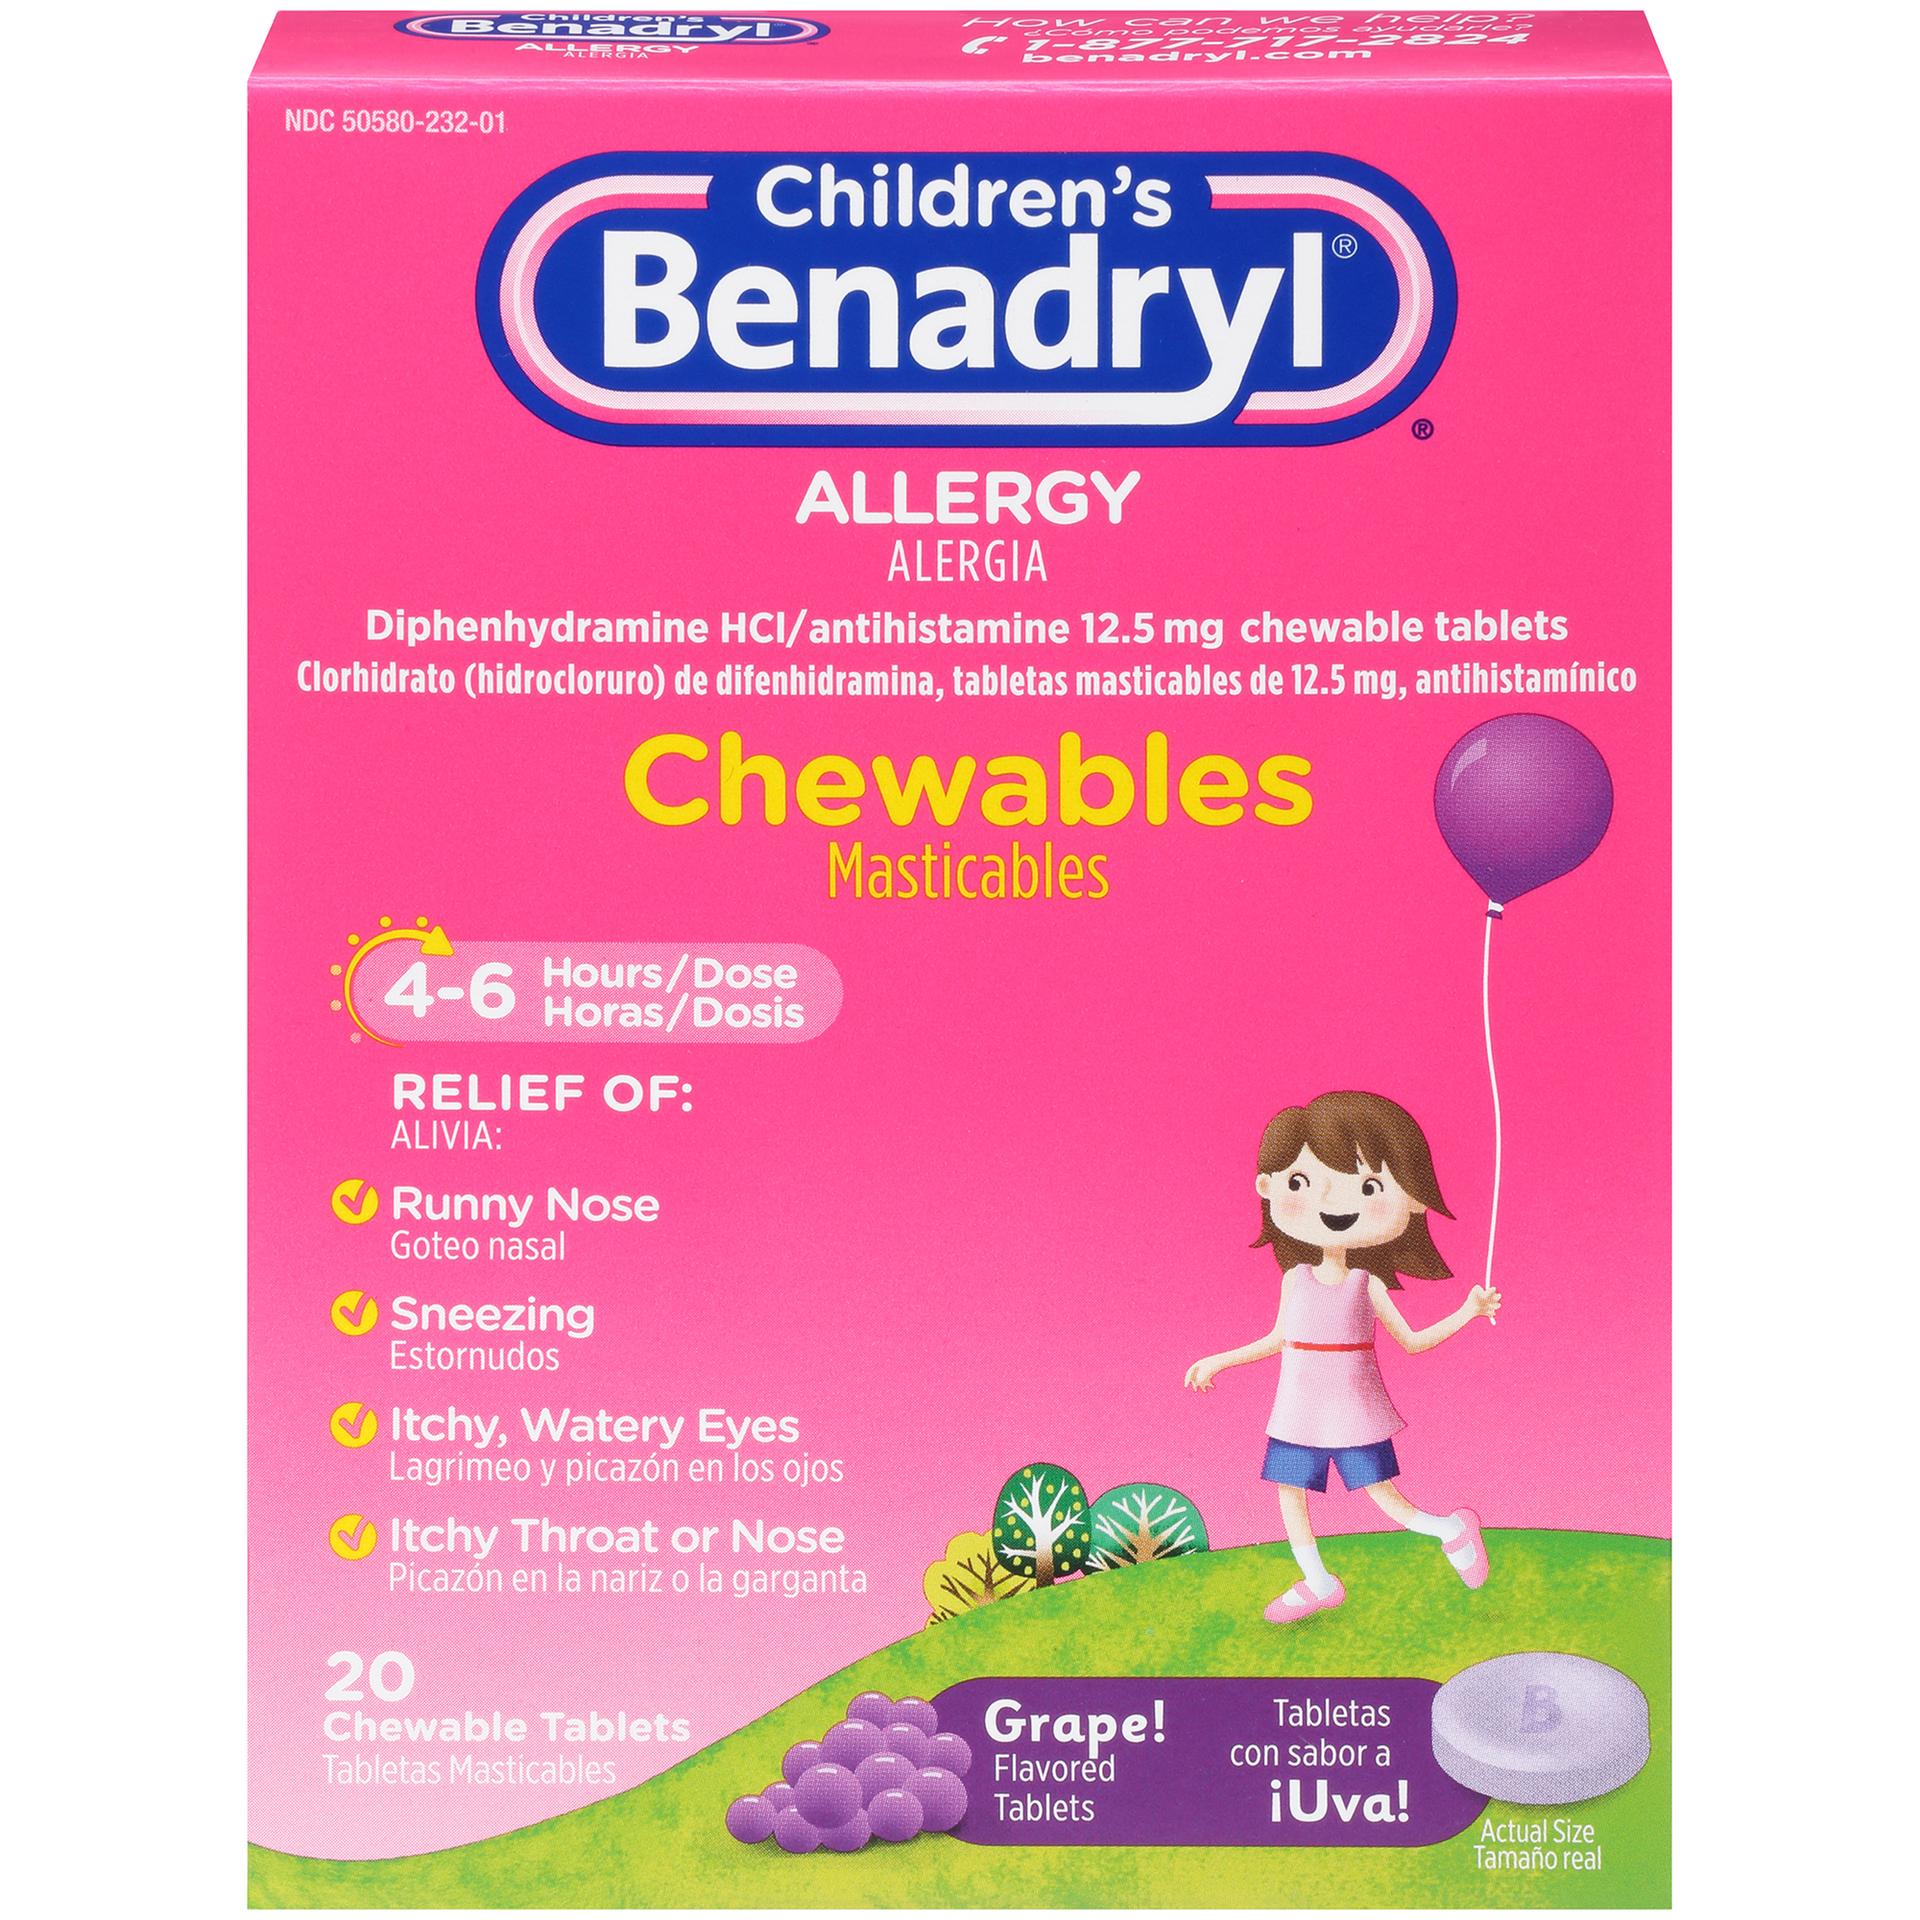 Children's Benadryl Allergy Ch...